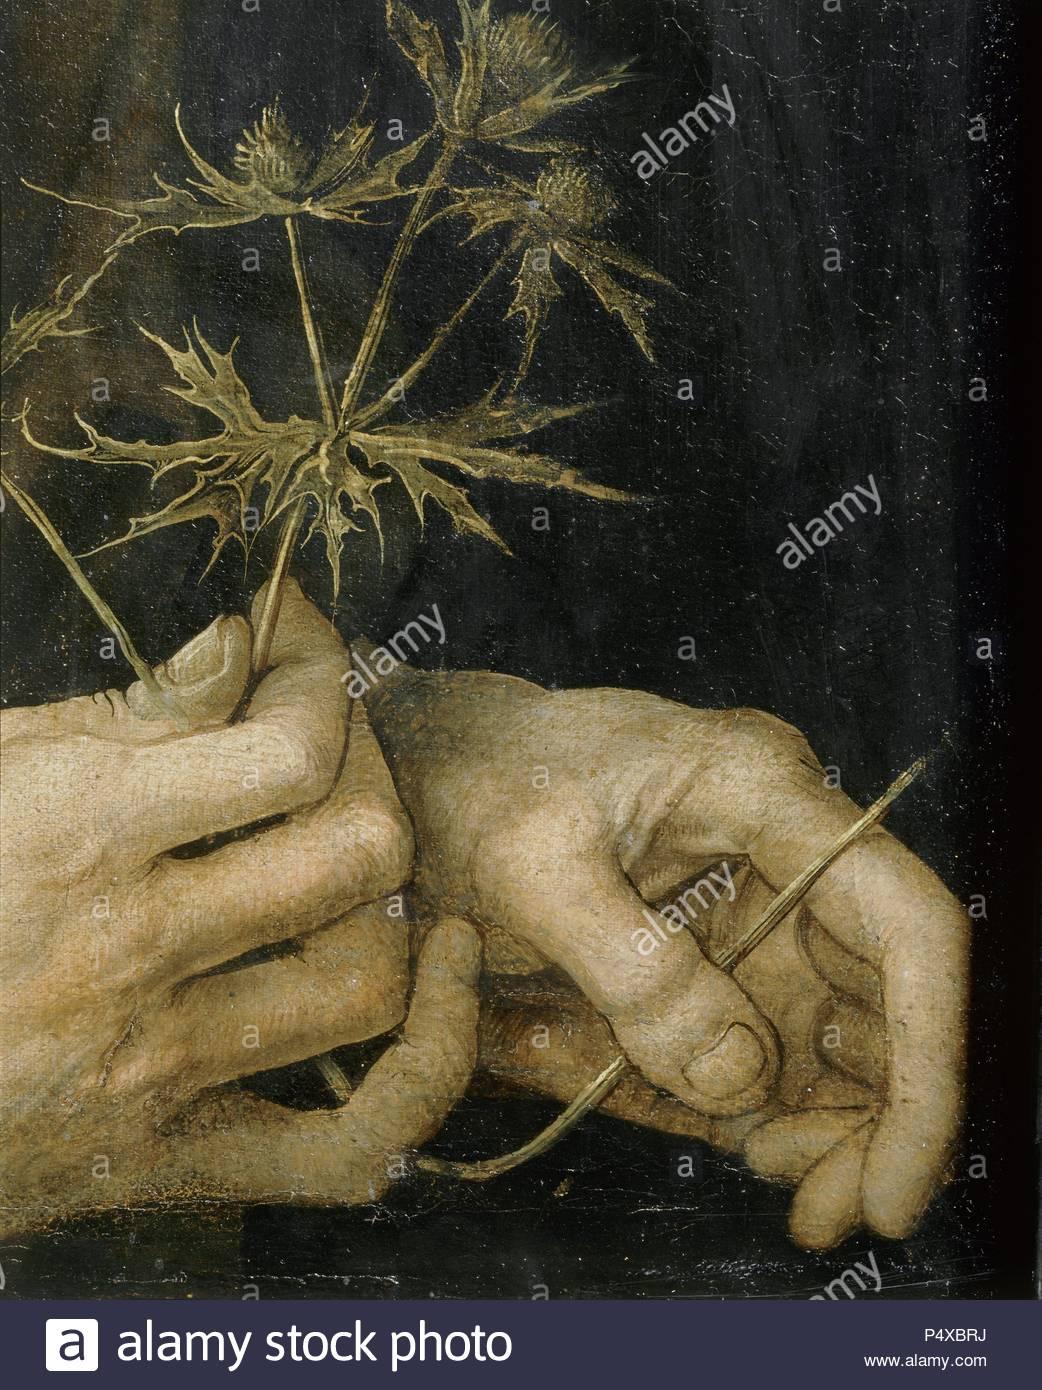 Albrecht Dürer, Selbstporträt, 1493. Detail seiner Hände halten eine Distel. Für die Gesamte finden 40-05 -01/45. Öl auf Papier auf Leinwand, 56,5 x 44,5 cm. R.F. 2382 (auch unter 40-13 -02/4). Autor: Albrecht Dürer (1471-1528). Lage: Louvre, Dpt. des Peintures, Paris, Frankreich. Stockfoto